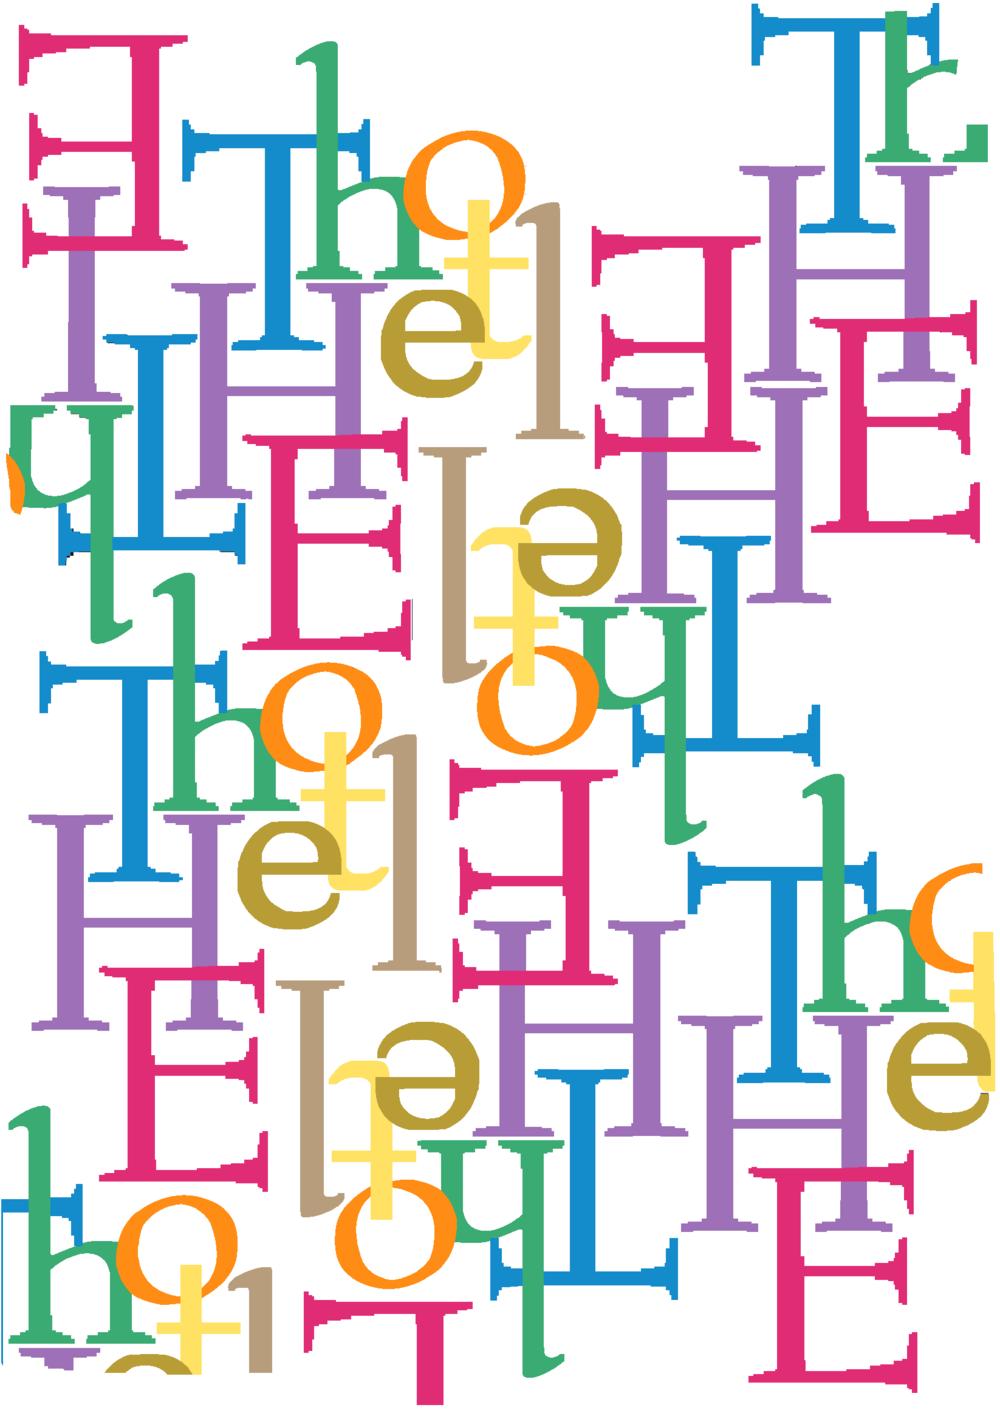 9. Letter Jumble PrintMulti50%.png